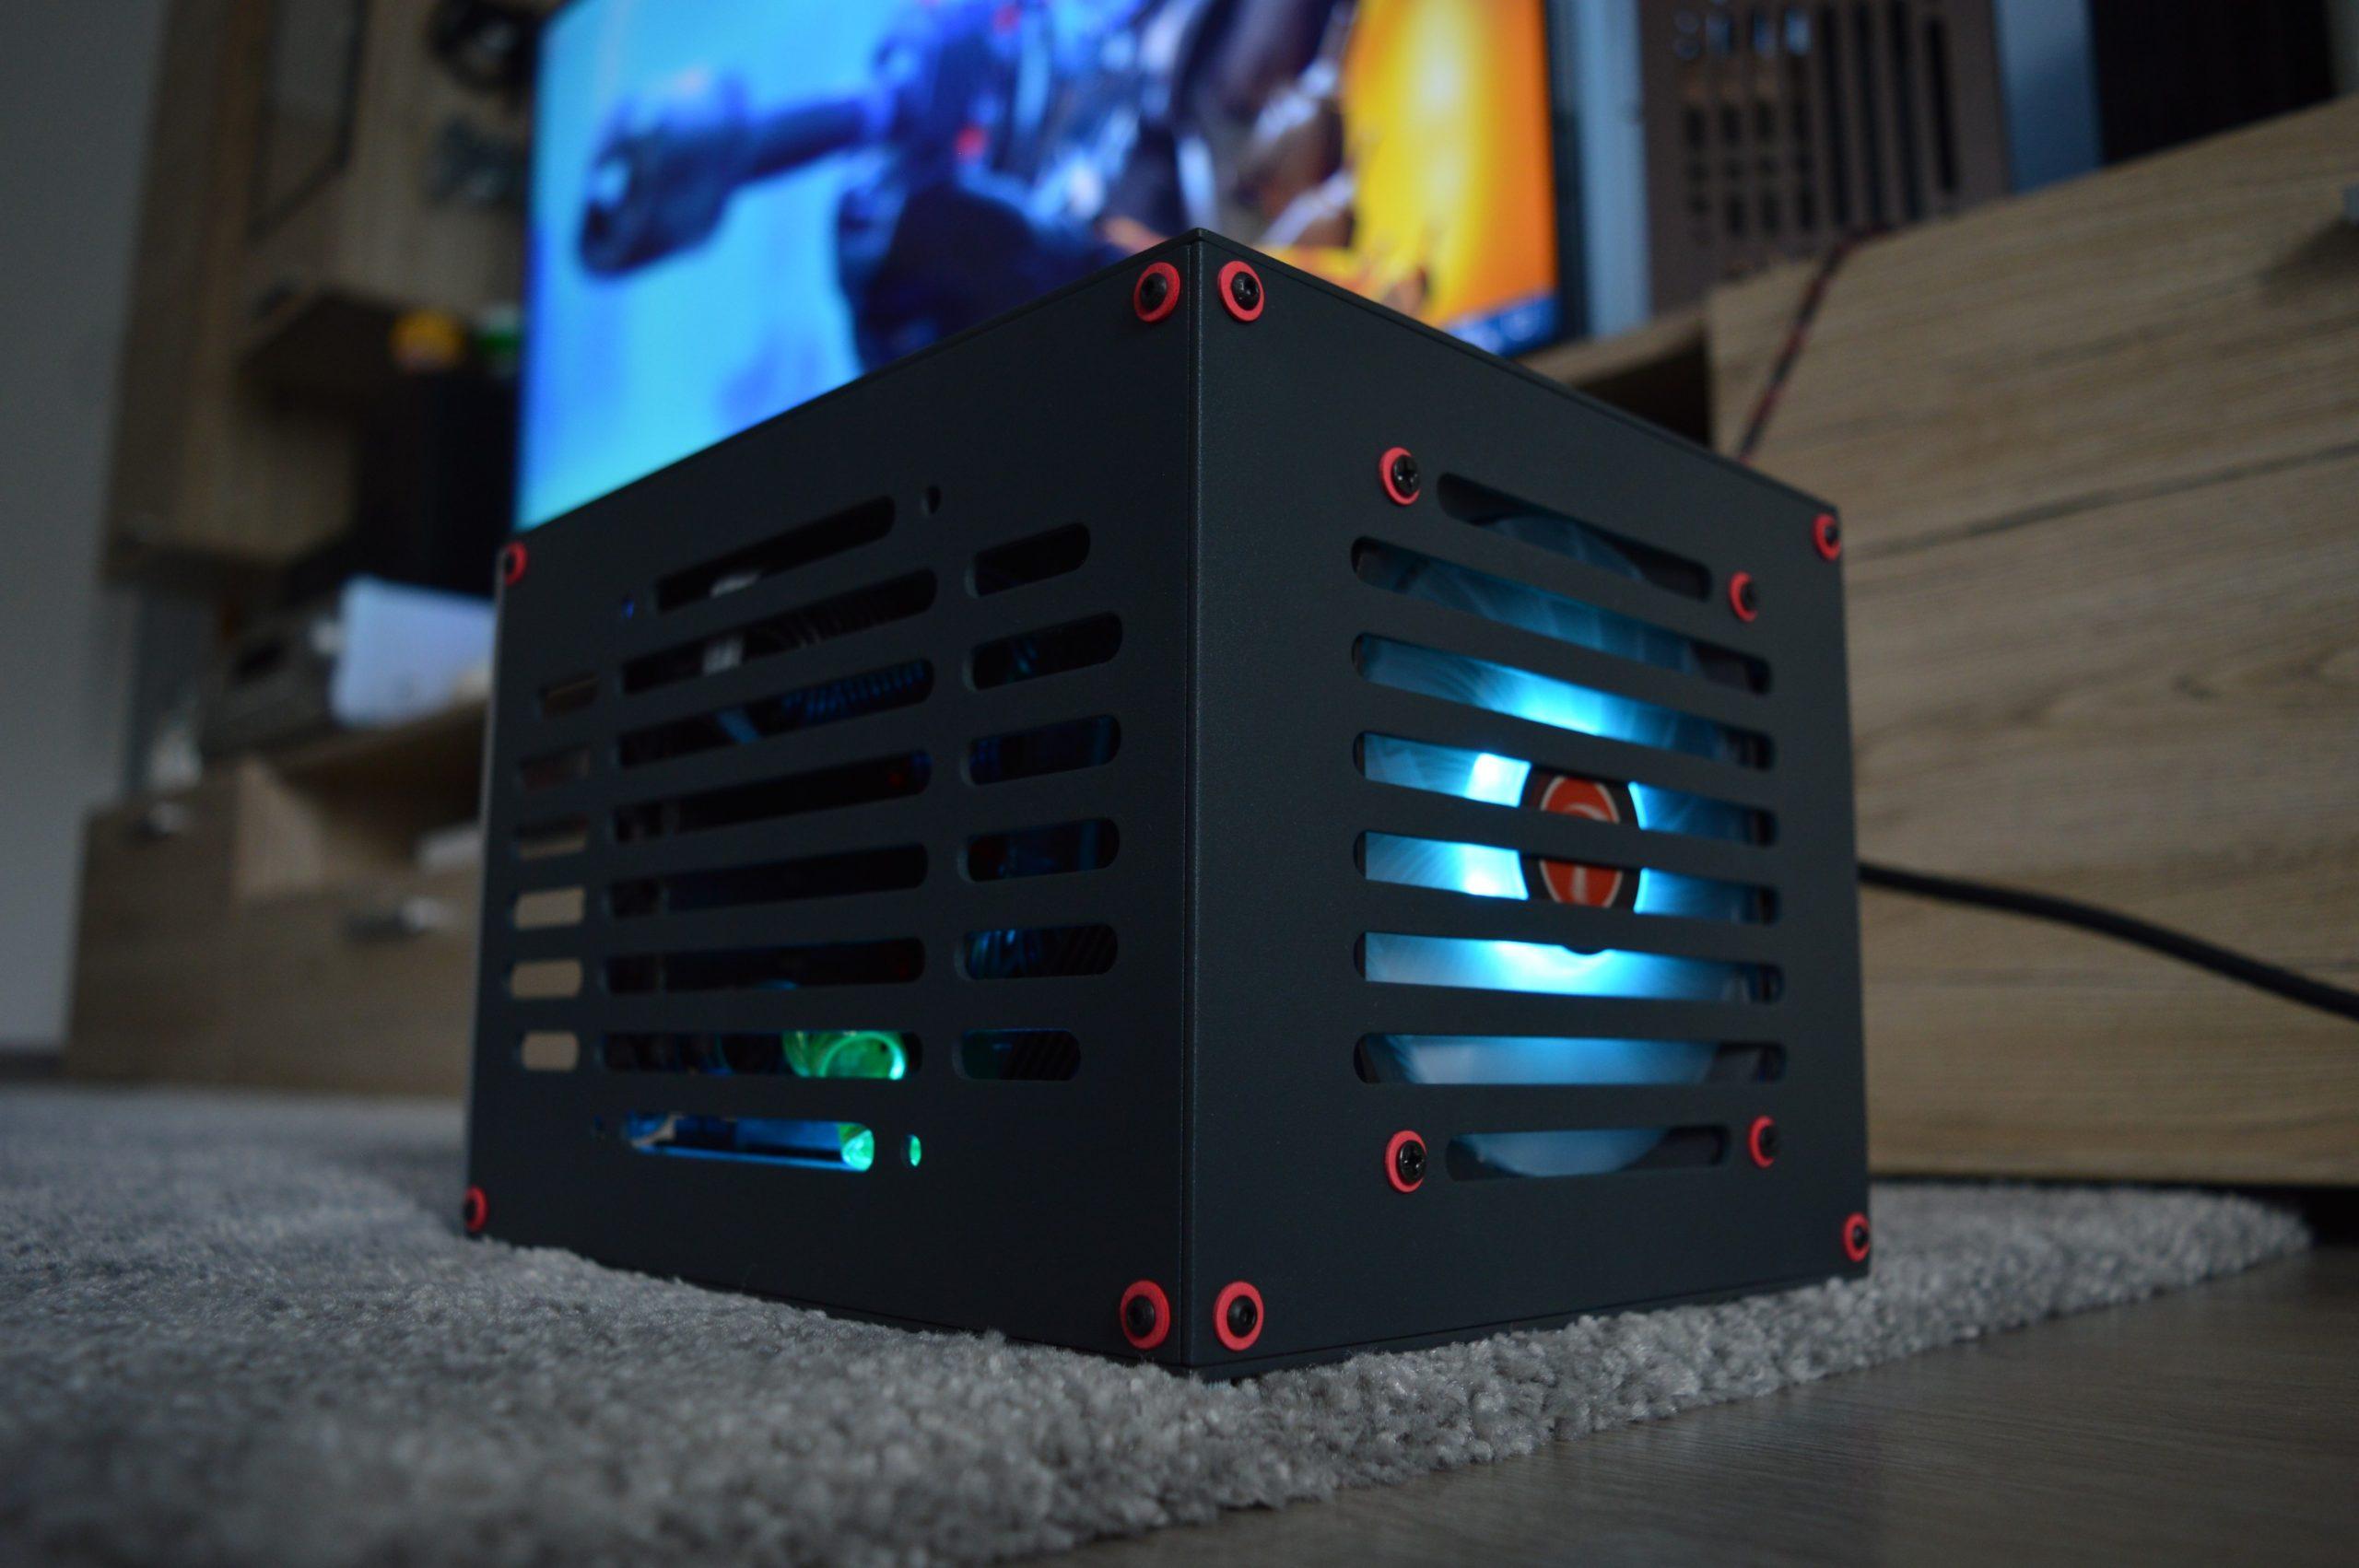 GTX 1070 RGB 14